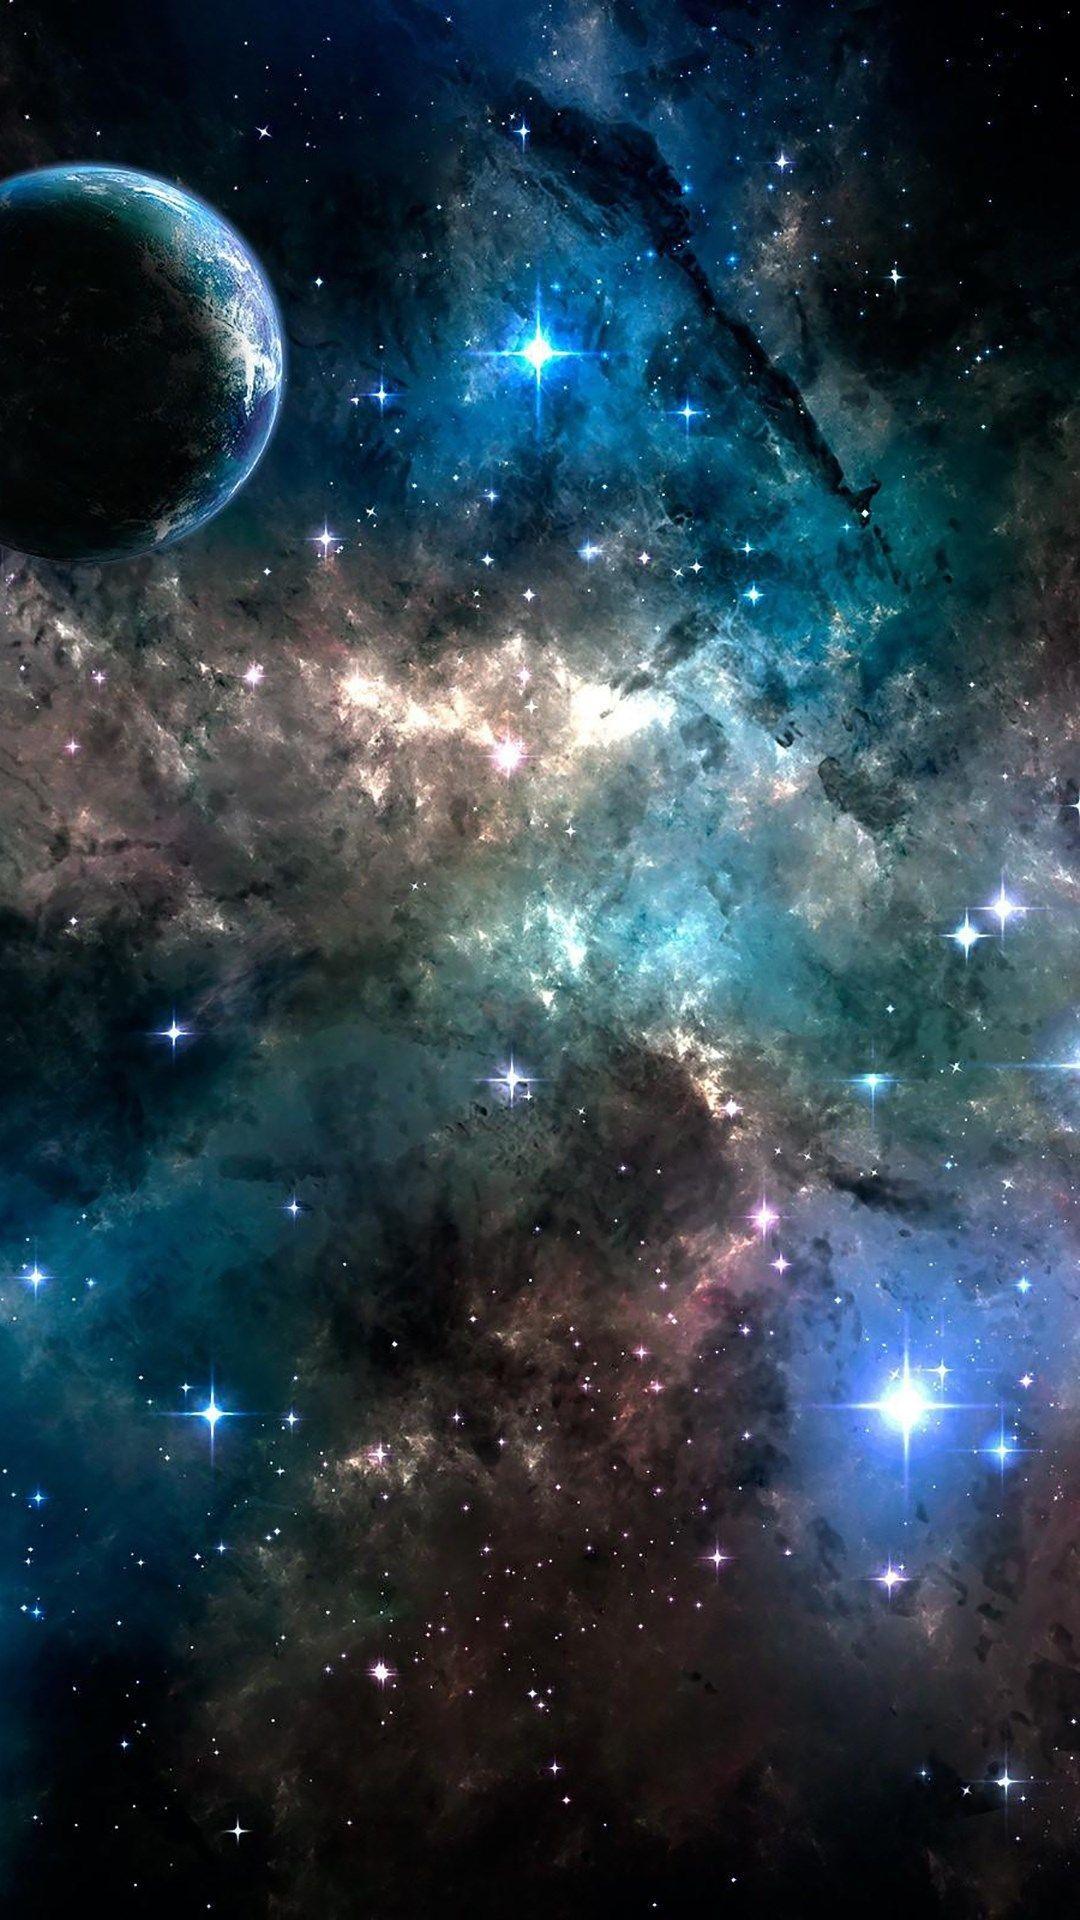 1080x1920 Nebulosas Wallpaper De Estrella Ver Para Creer